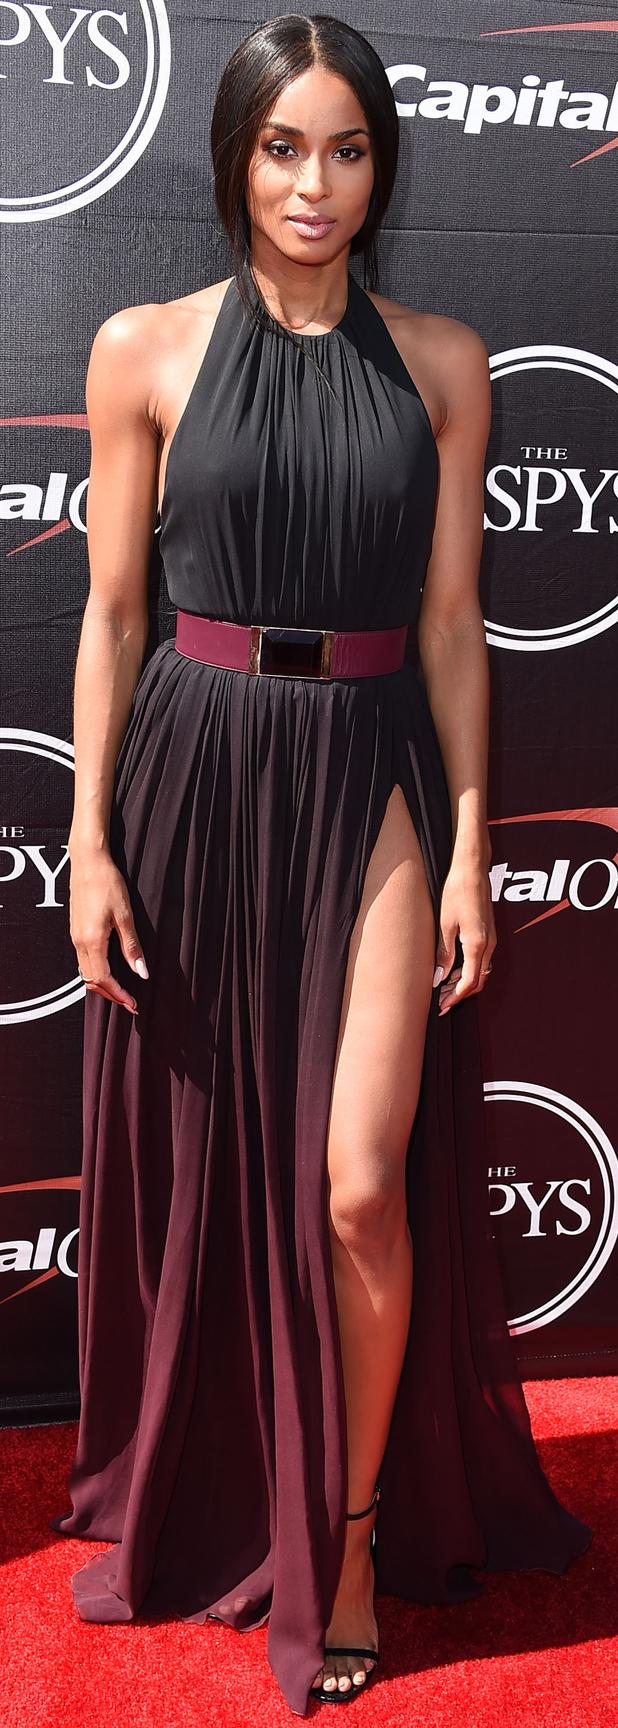 Ciara at the ESPY Awards in L.A, 16th July 2015